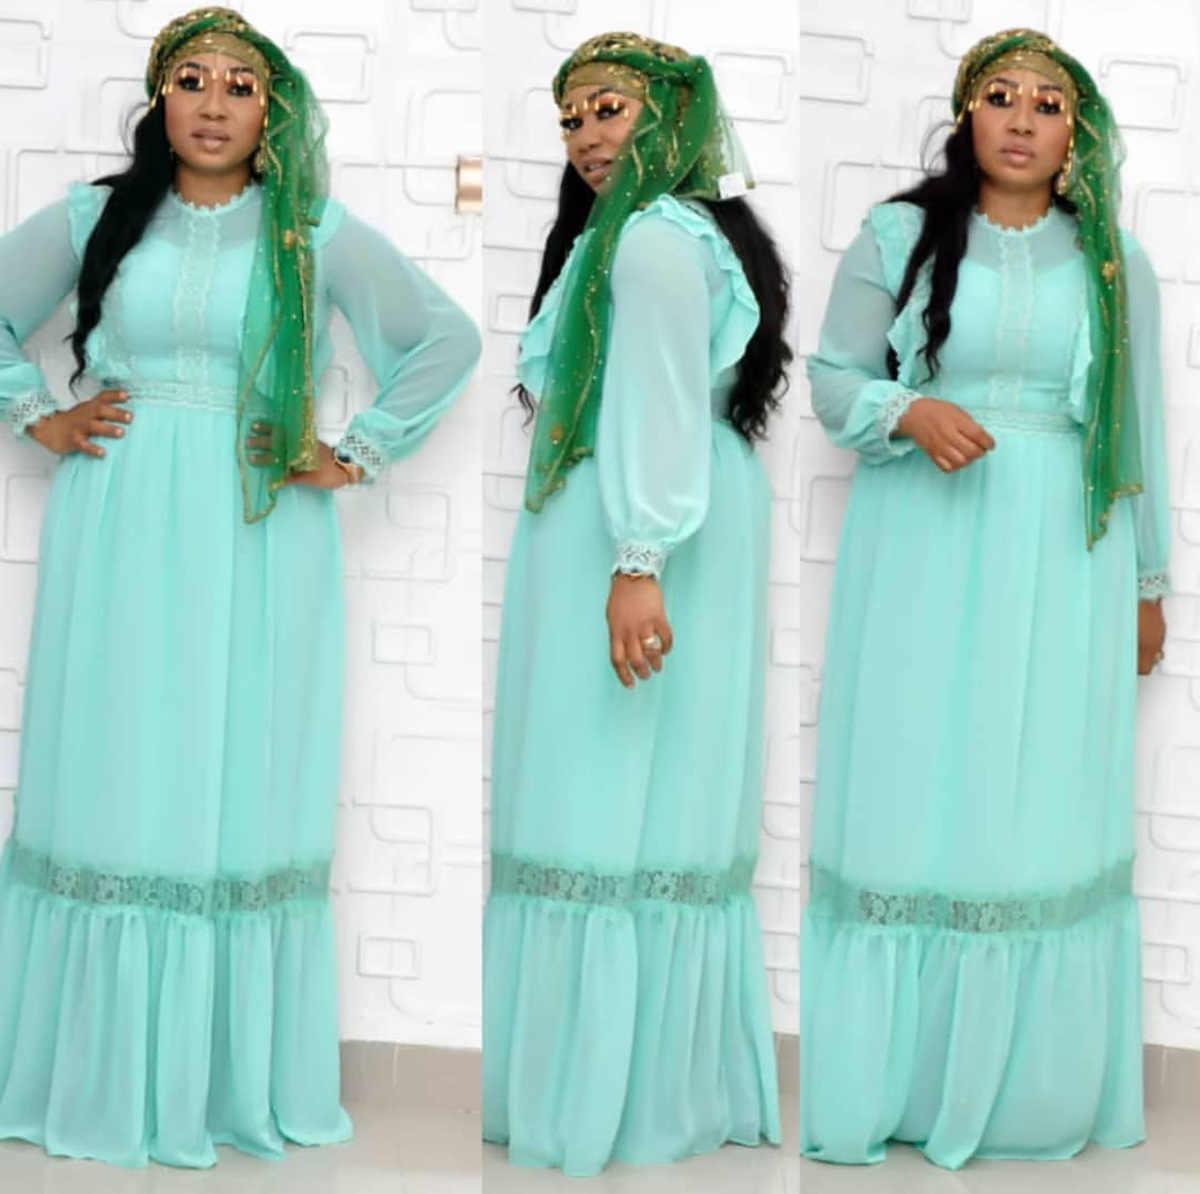 שמלות אפריקאיות נשים אפריקאי בגדים אפריקה שמלת הדפסת דאשיקי גבירותיי בגדי אנקרה בתוספת גודל אפריקה נשים שמלה